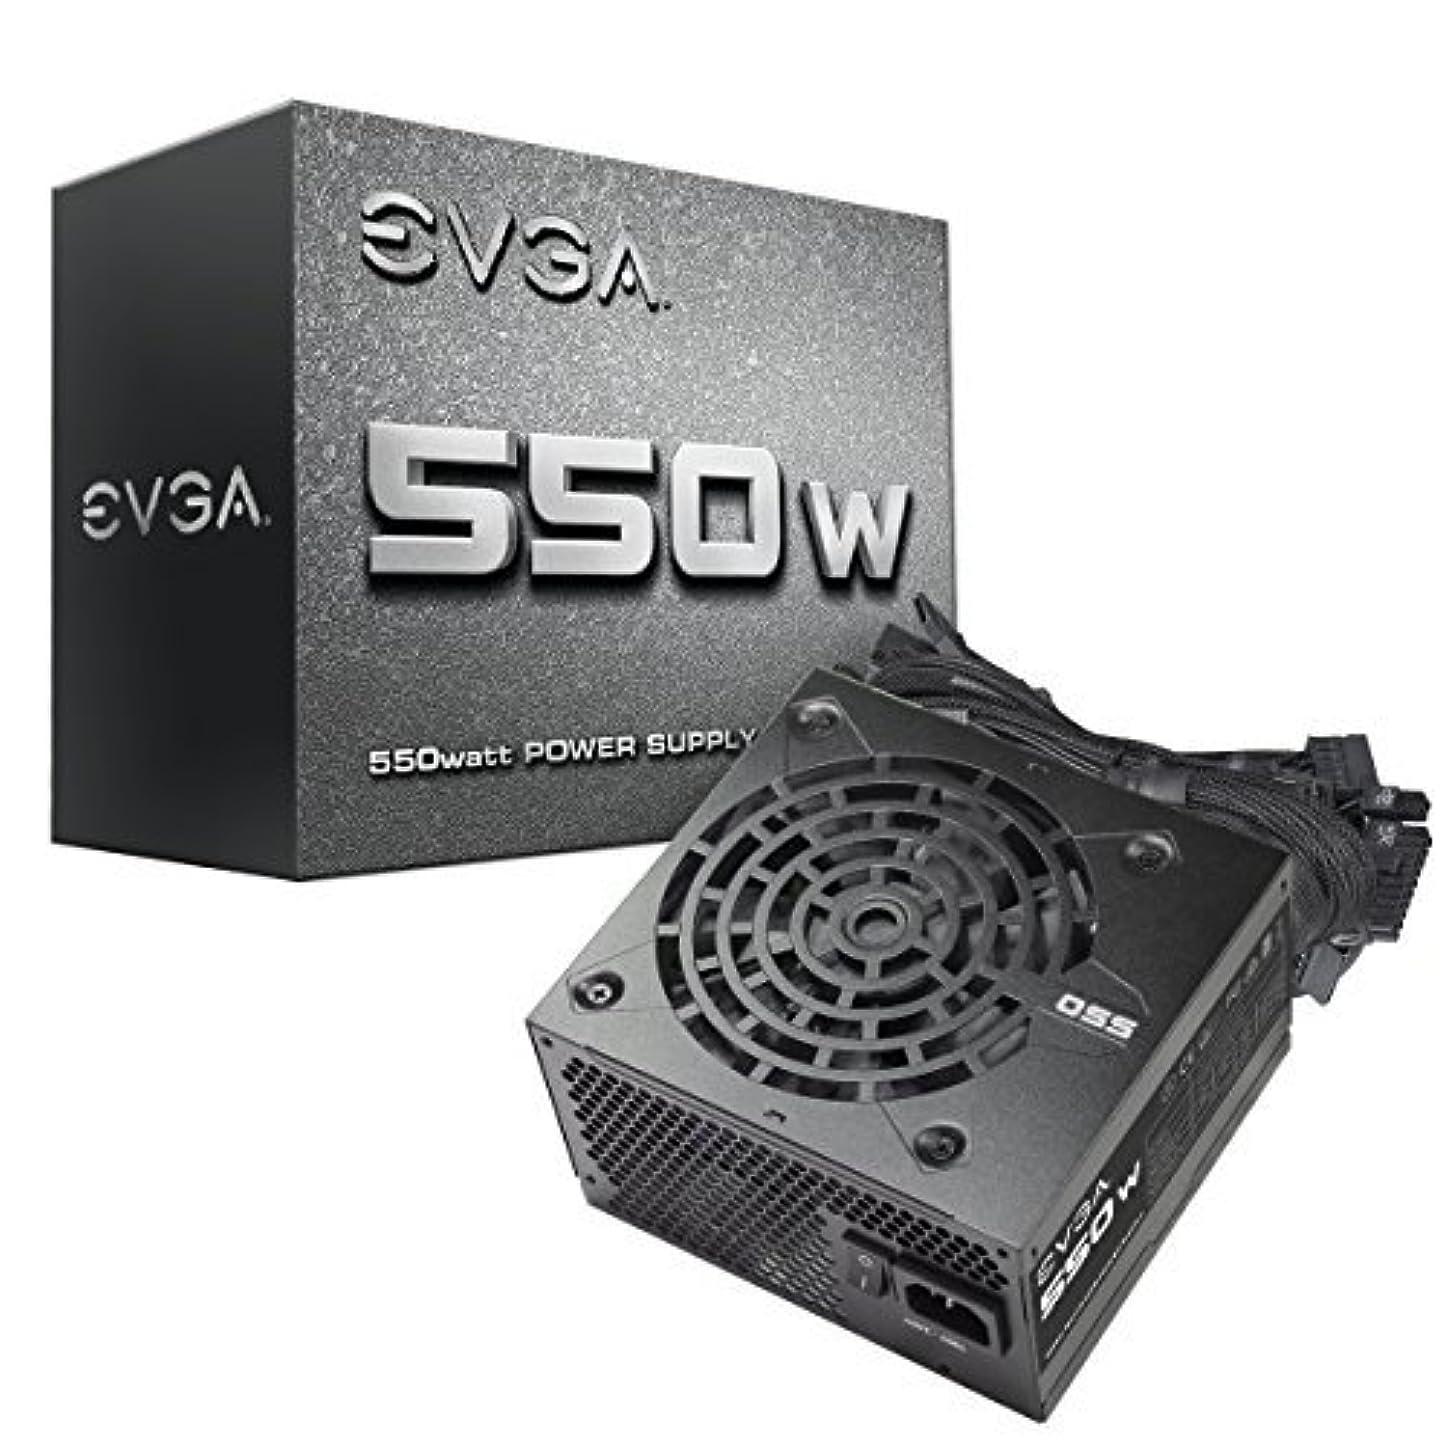 倒産スリットリッチEVGA 550N1, 550W, 2 Year Warranty, Power Supply 100-N1-0550-L1 [並行輸入品]